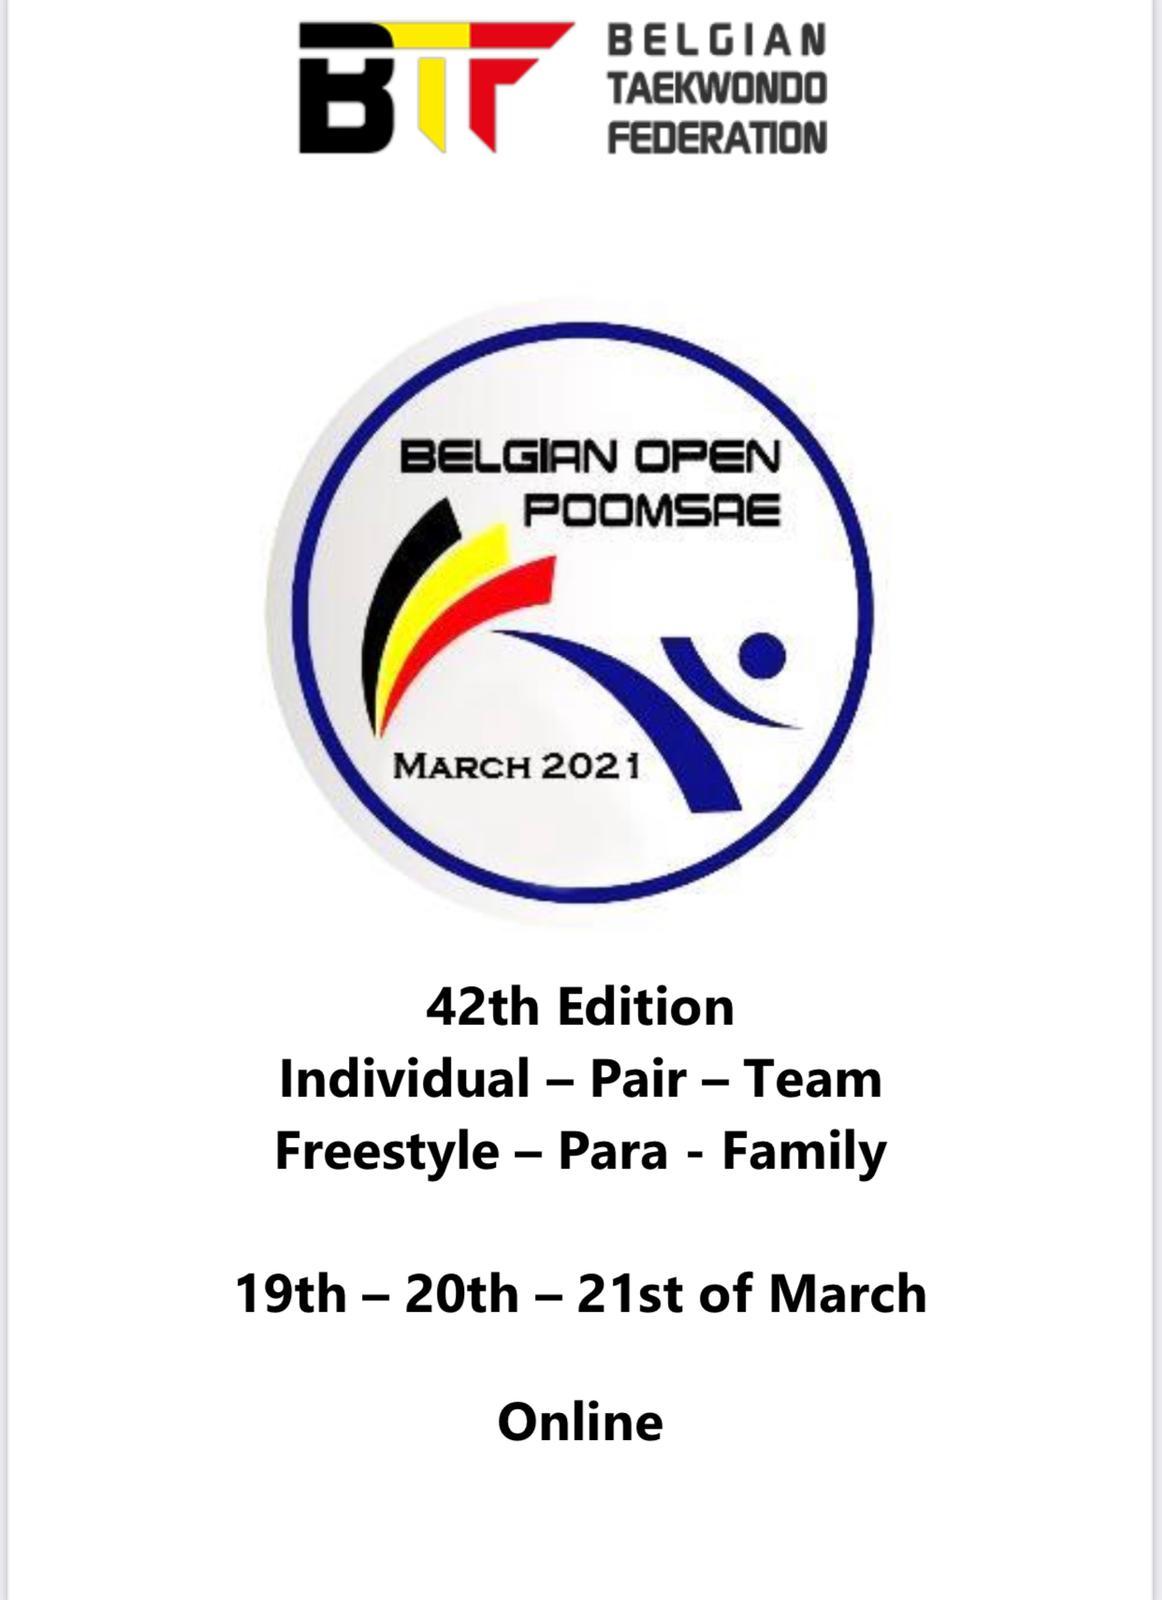 Foto: Belgian Open Poomsae 2021 Poster